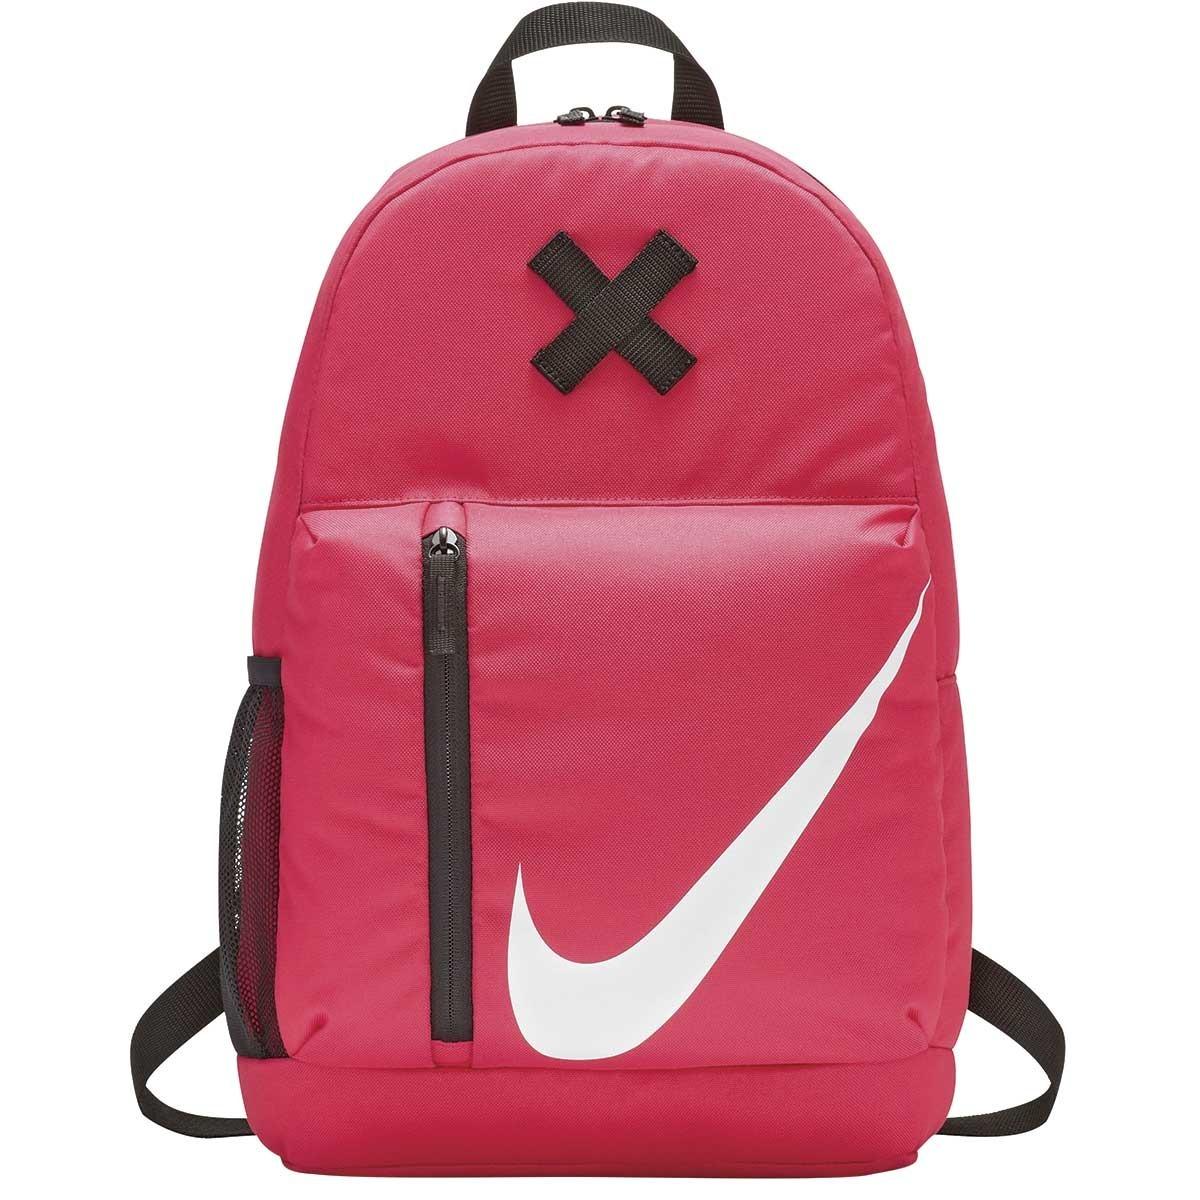 698 En Para Ba5405 Mochila 00 Envio Nike Dgt Niña Escolar 622 U7qgwp